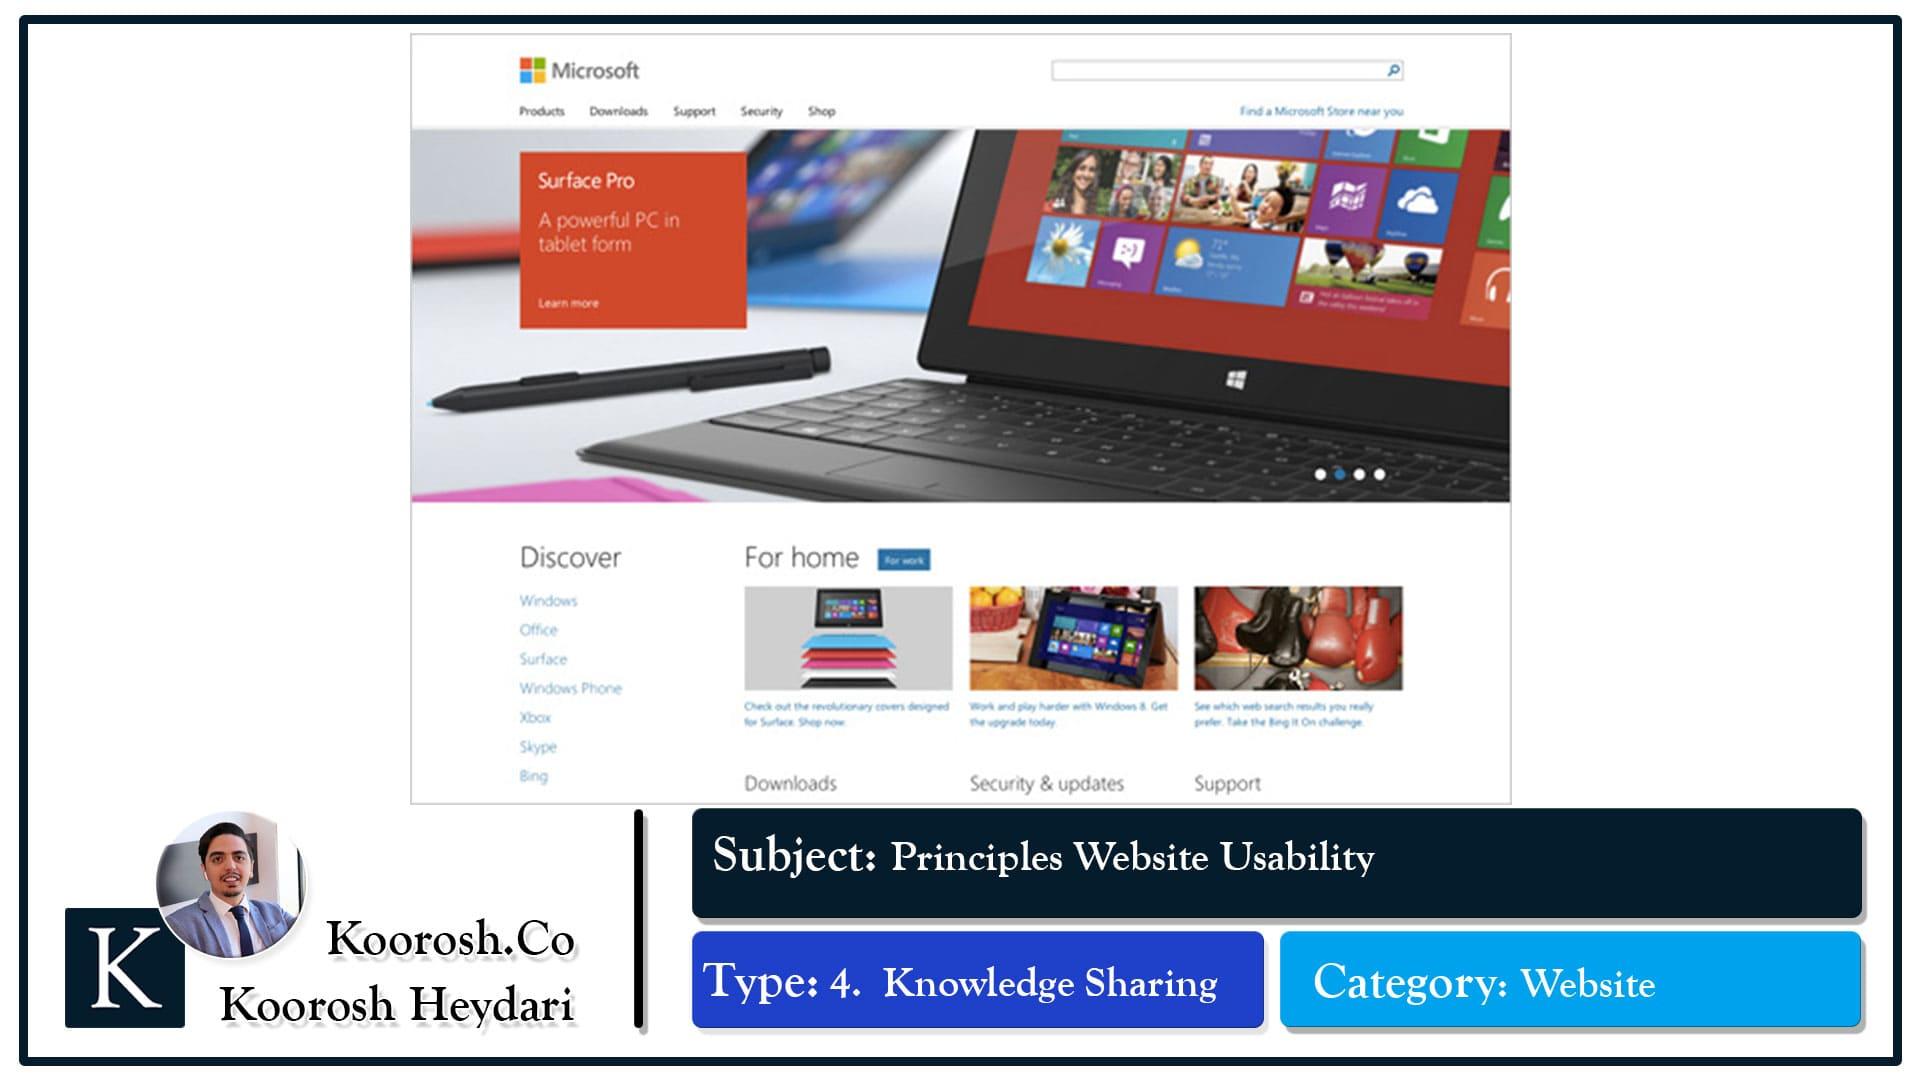 ویژگی های وبسایت مایکروسافت